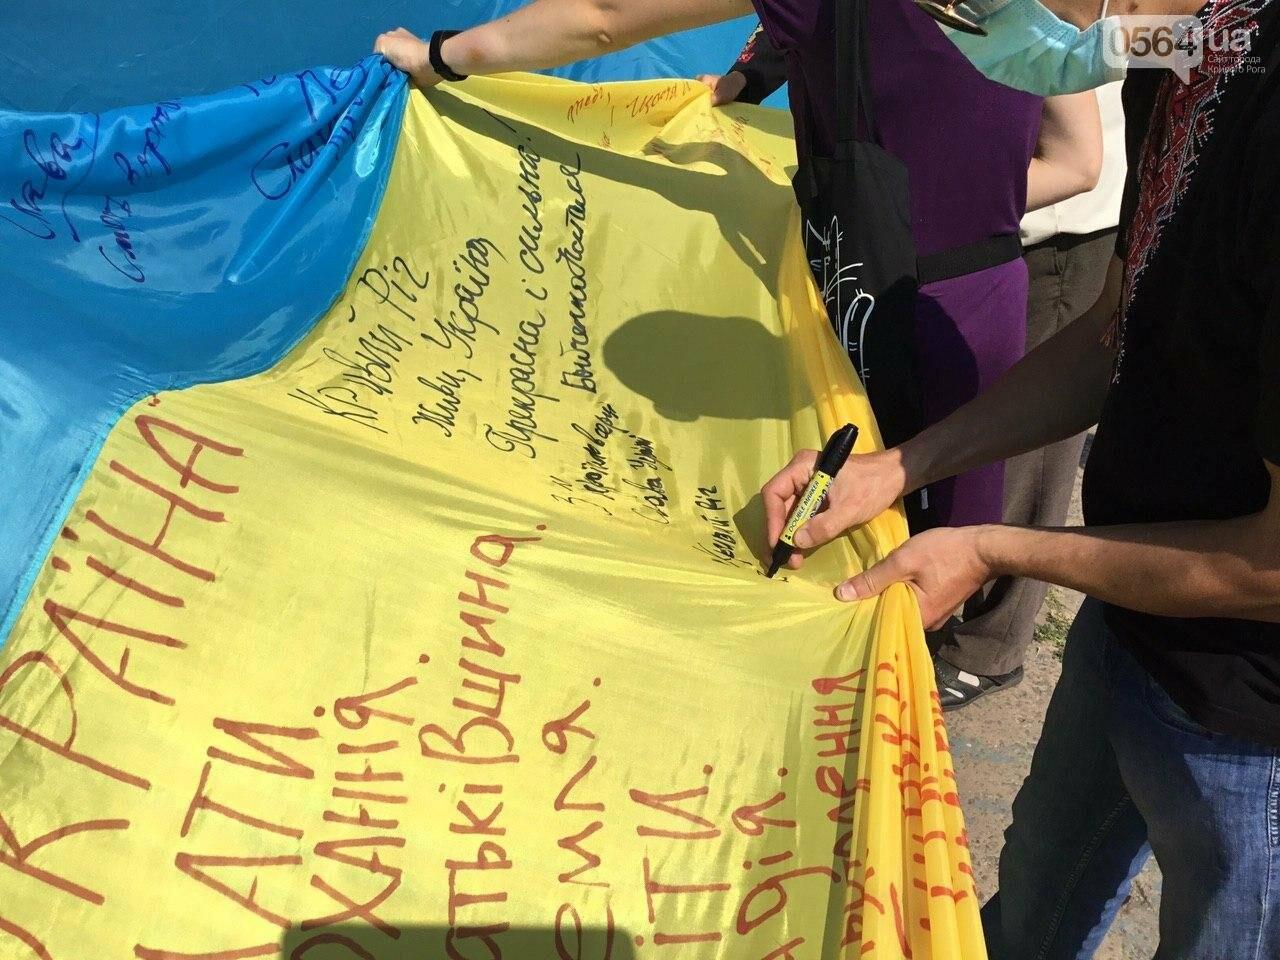 """""""Українці - брати, Разом ми - сила!"""", - какие пожелания и призывы написали криворожане на Знамени Единства, - ФОТО, ВИДЕО, фото-38"""